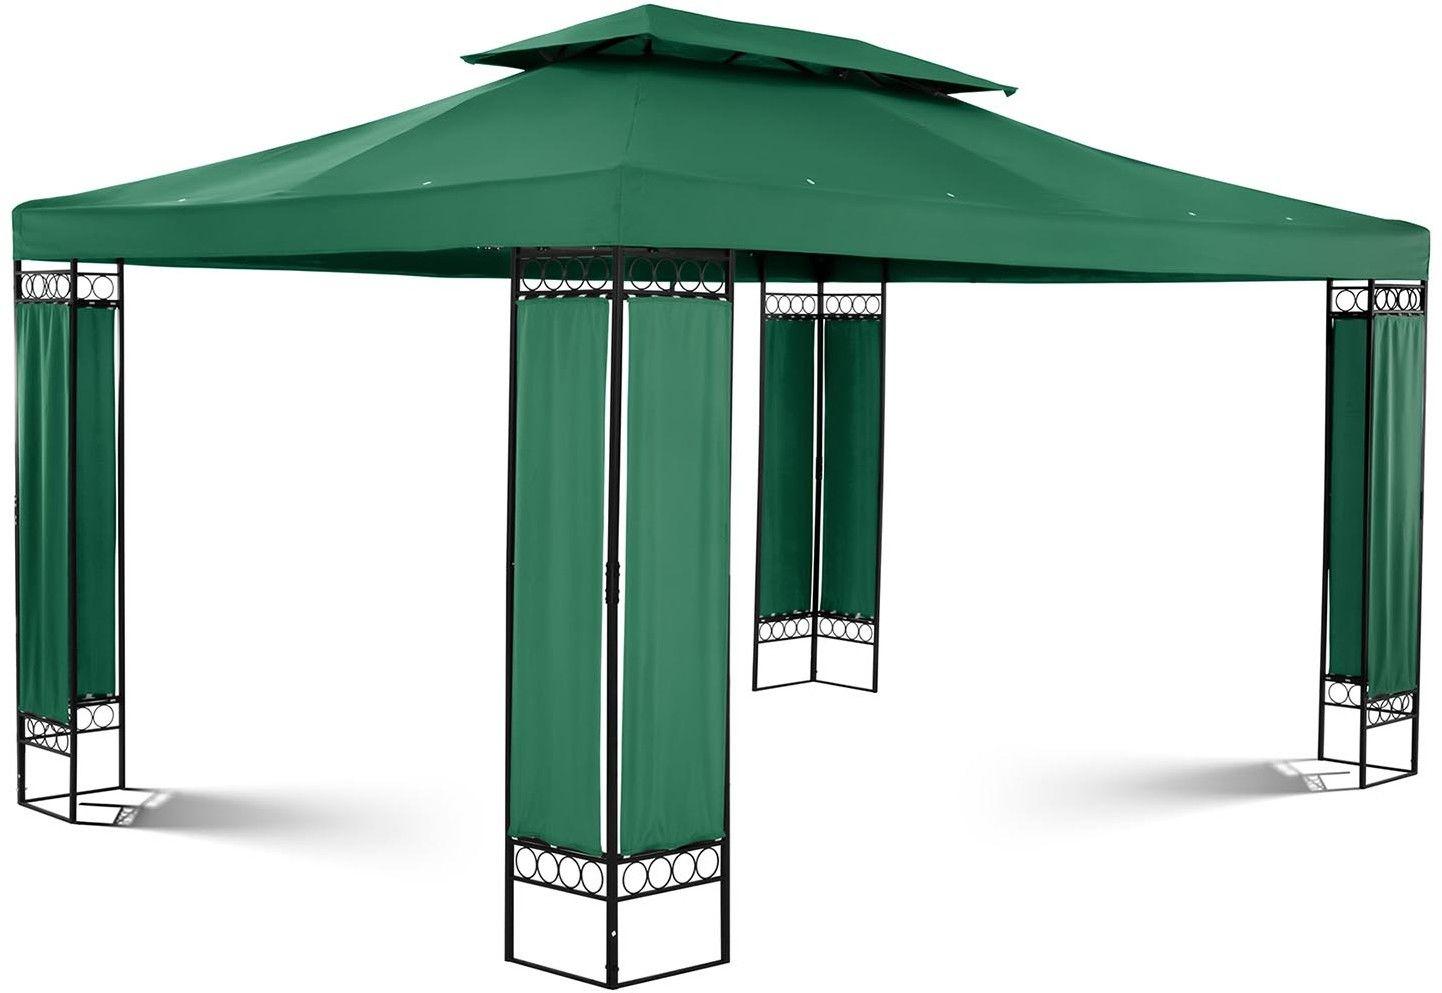 Pawilon ogrodowy - prostokątny - ciemnozielony - Uniprodo - UNI_PERGOLA_3X4GF - 3 lata gwarancji/wysyłka w 24h